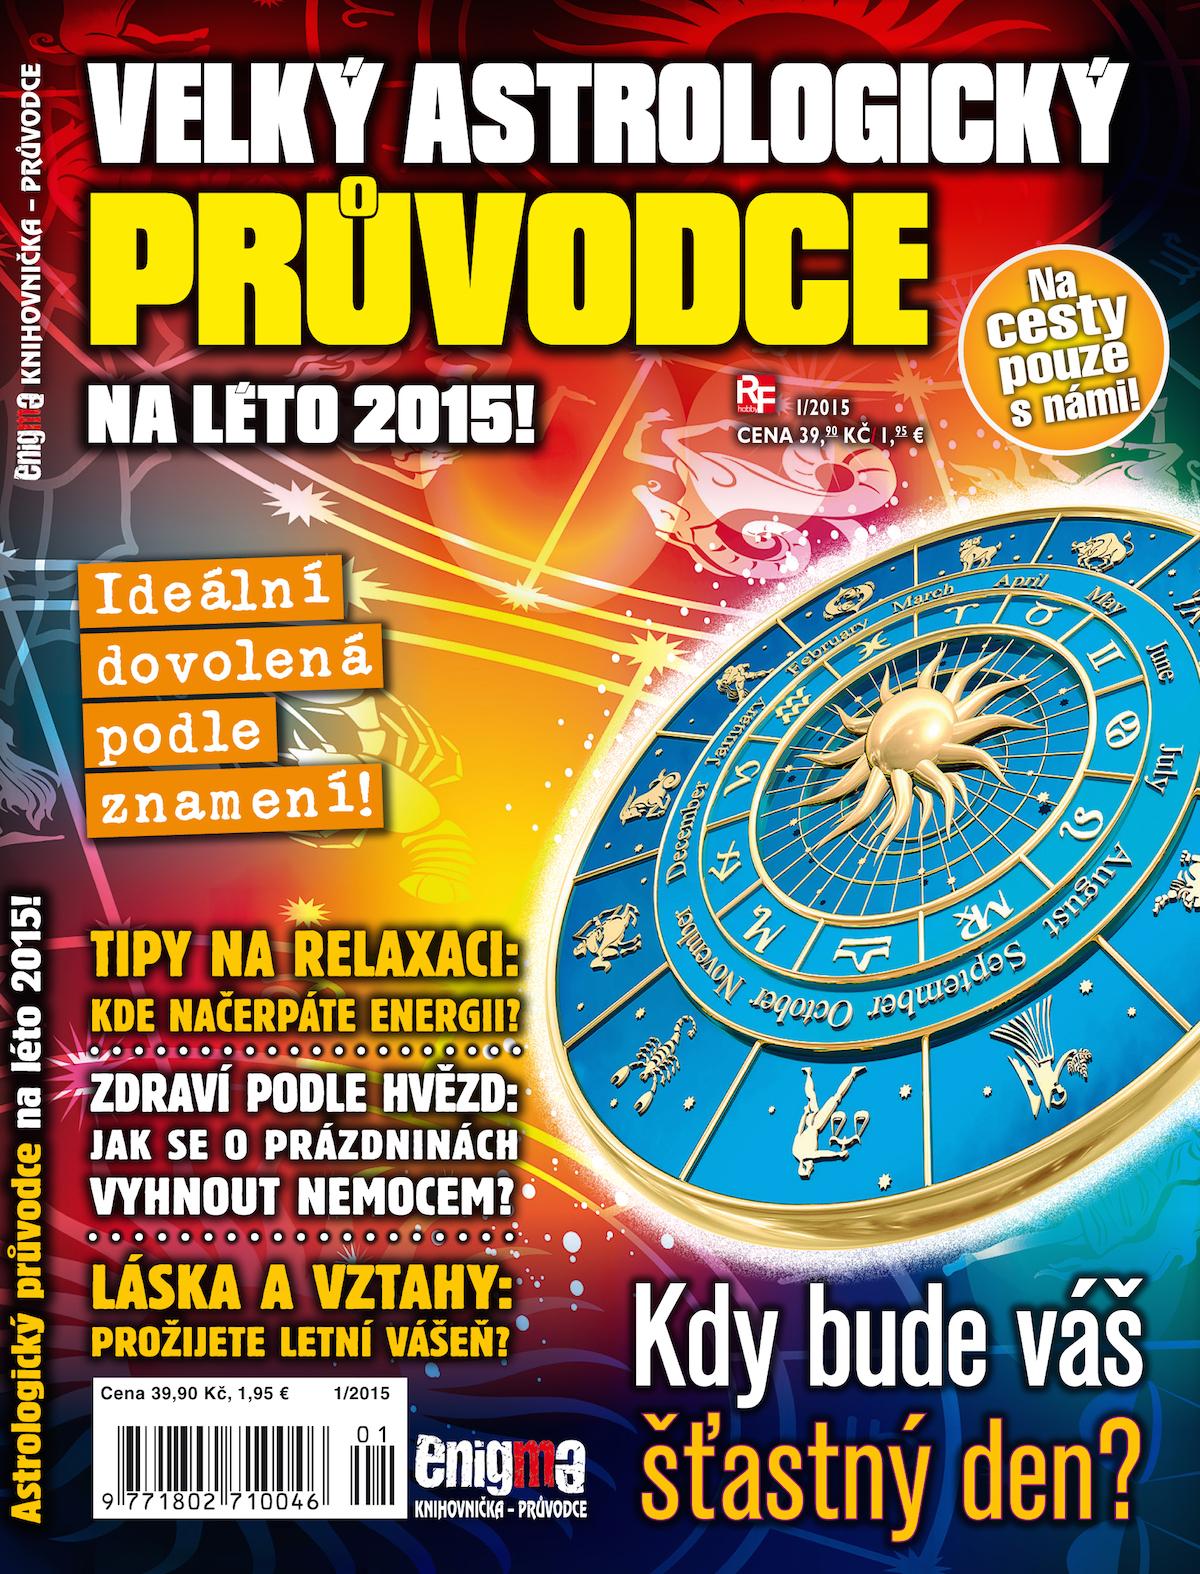 Velký astrologický průvodce 2015